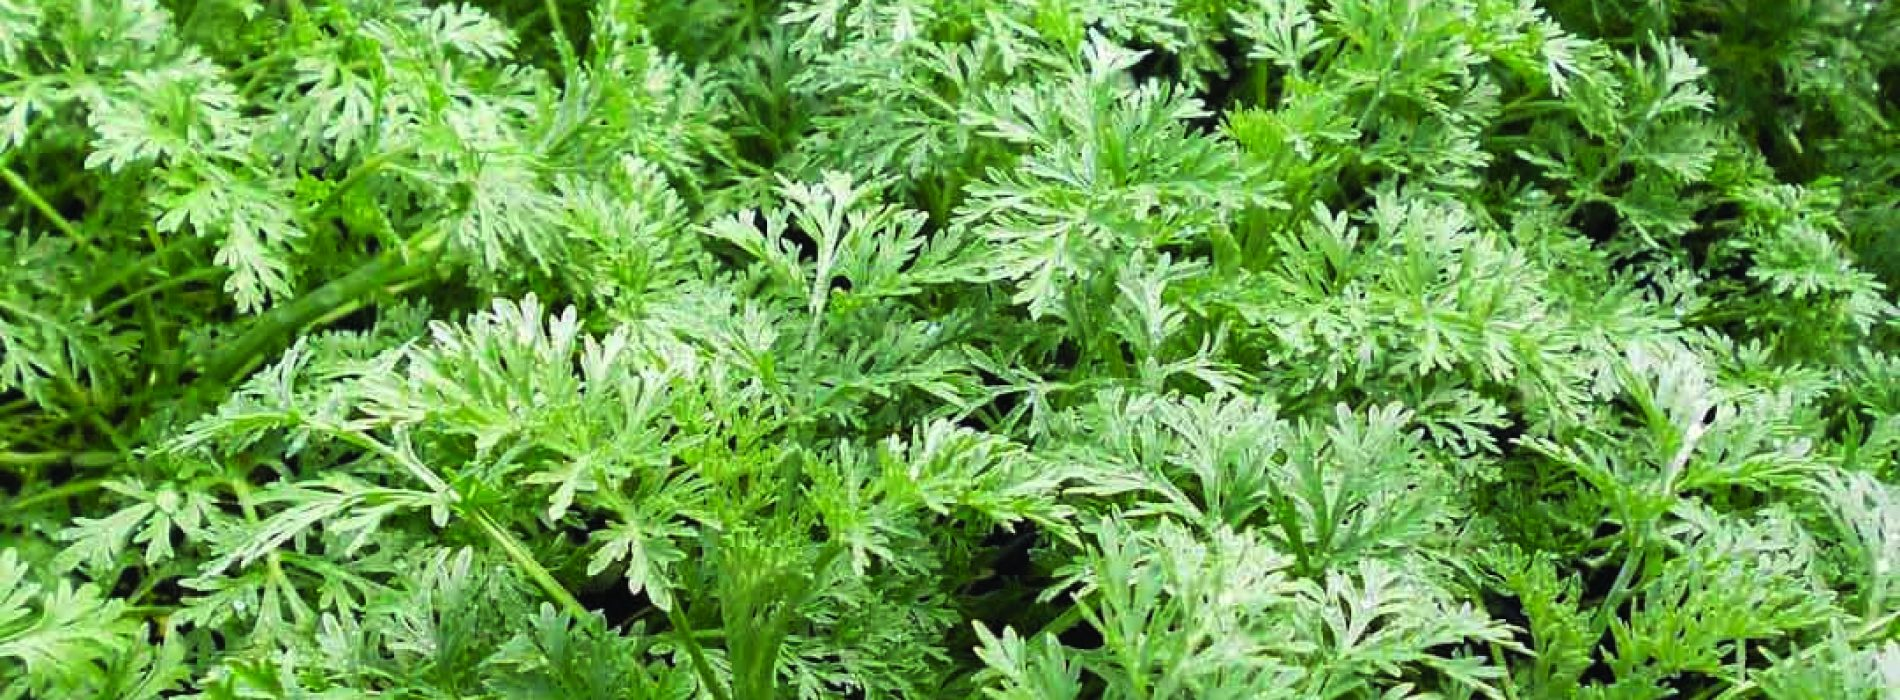 NUL academics push herbal remedies